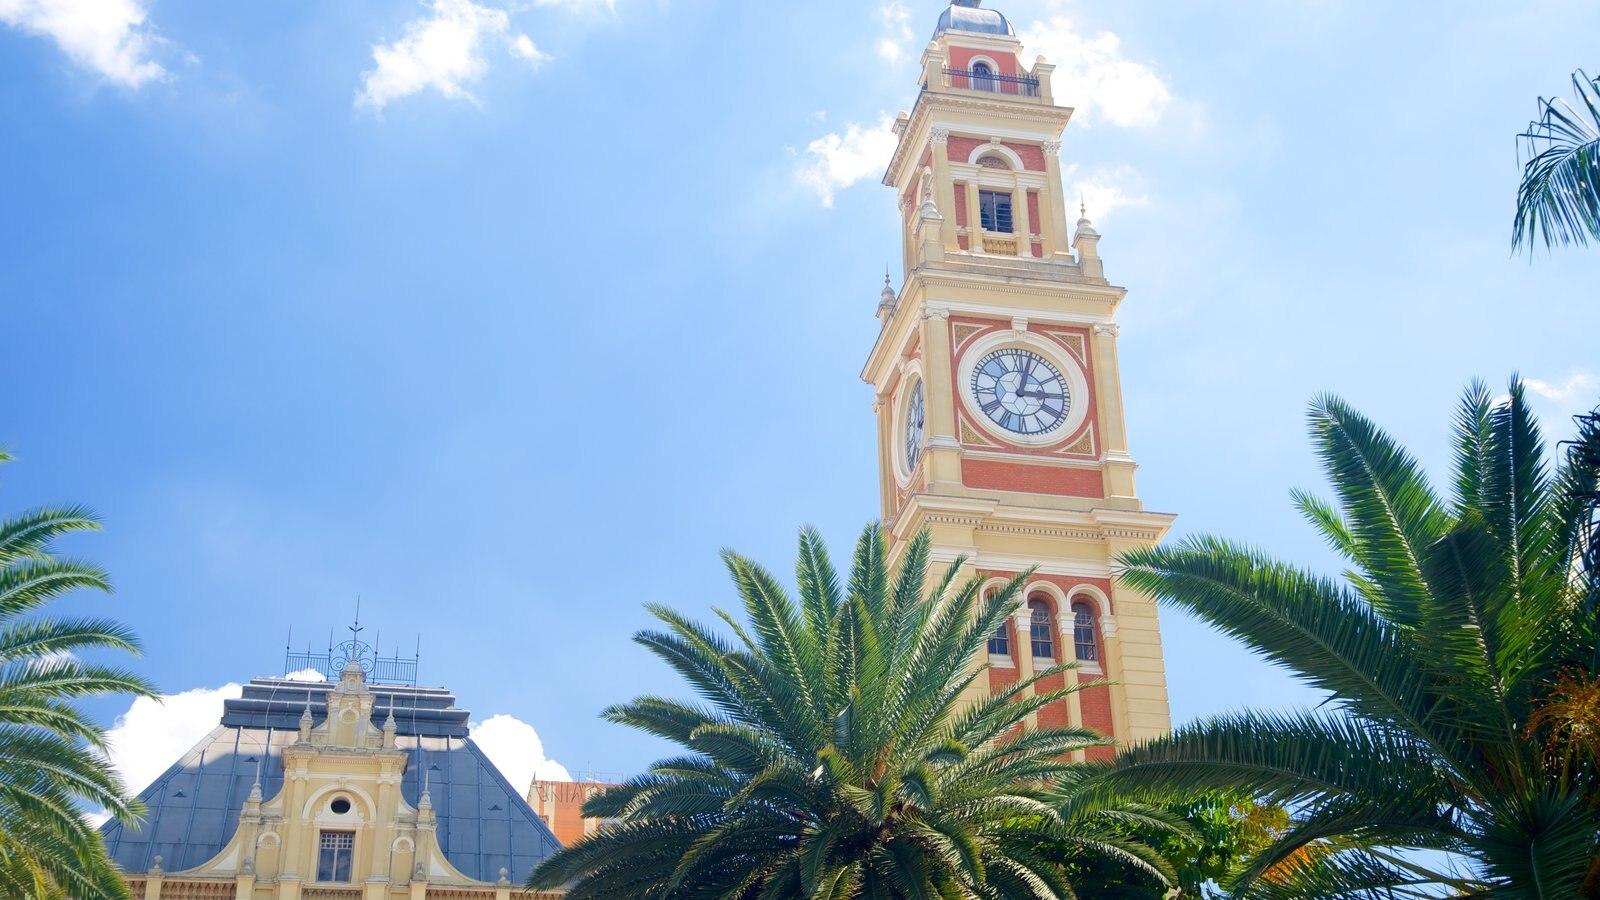 Itajaí que inclui uma cidade, uma igreja ou catedral e aspectos religiosos